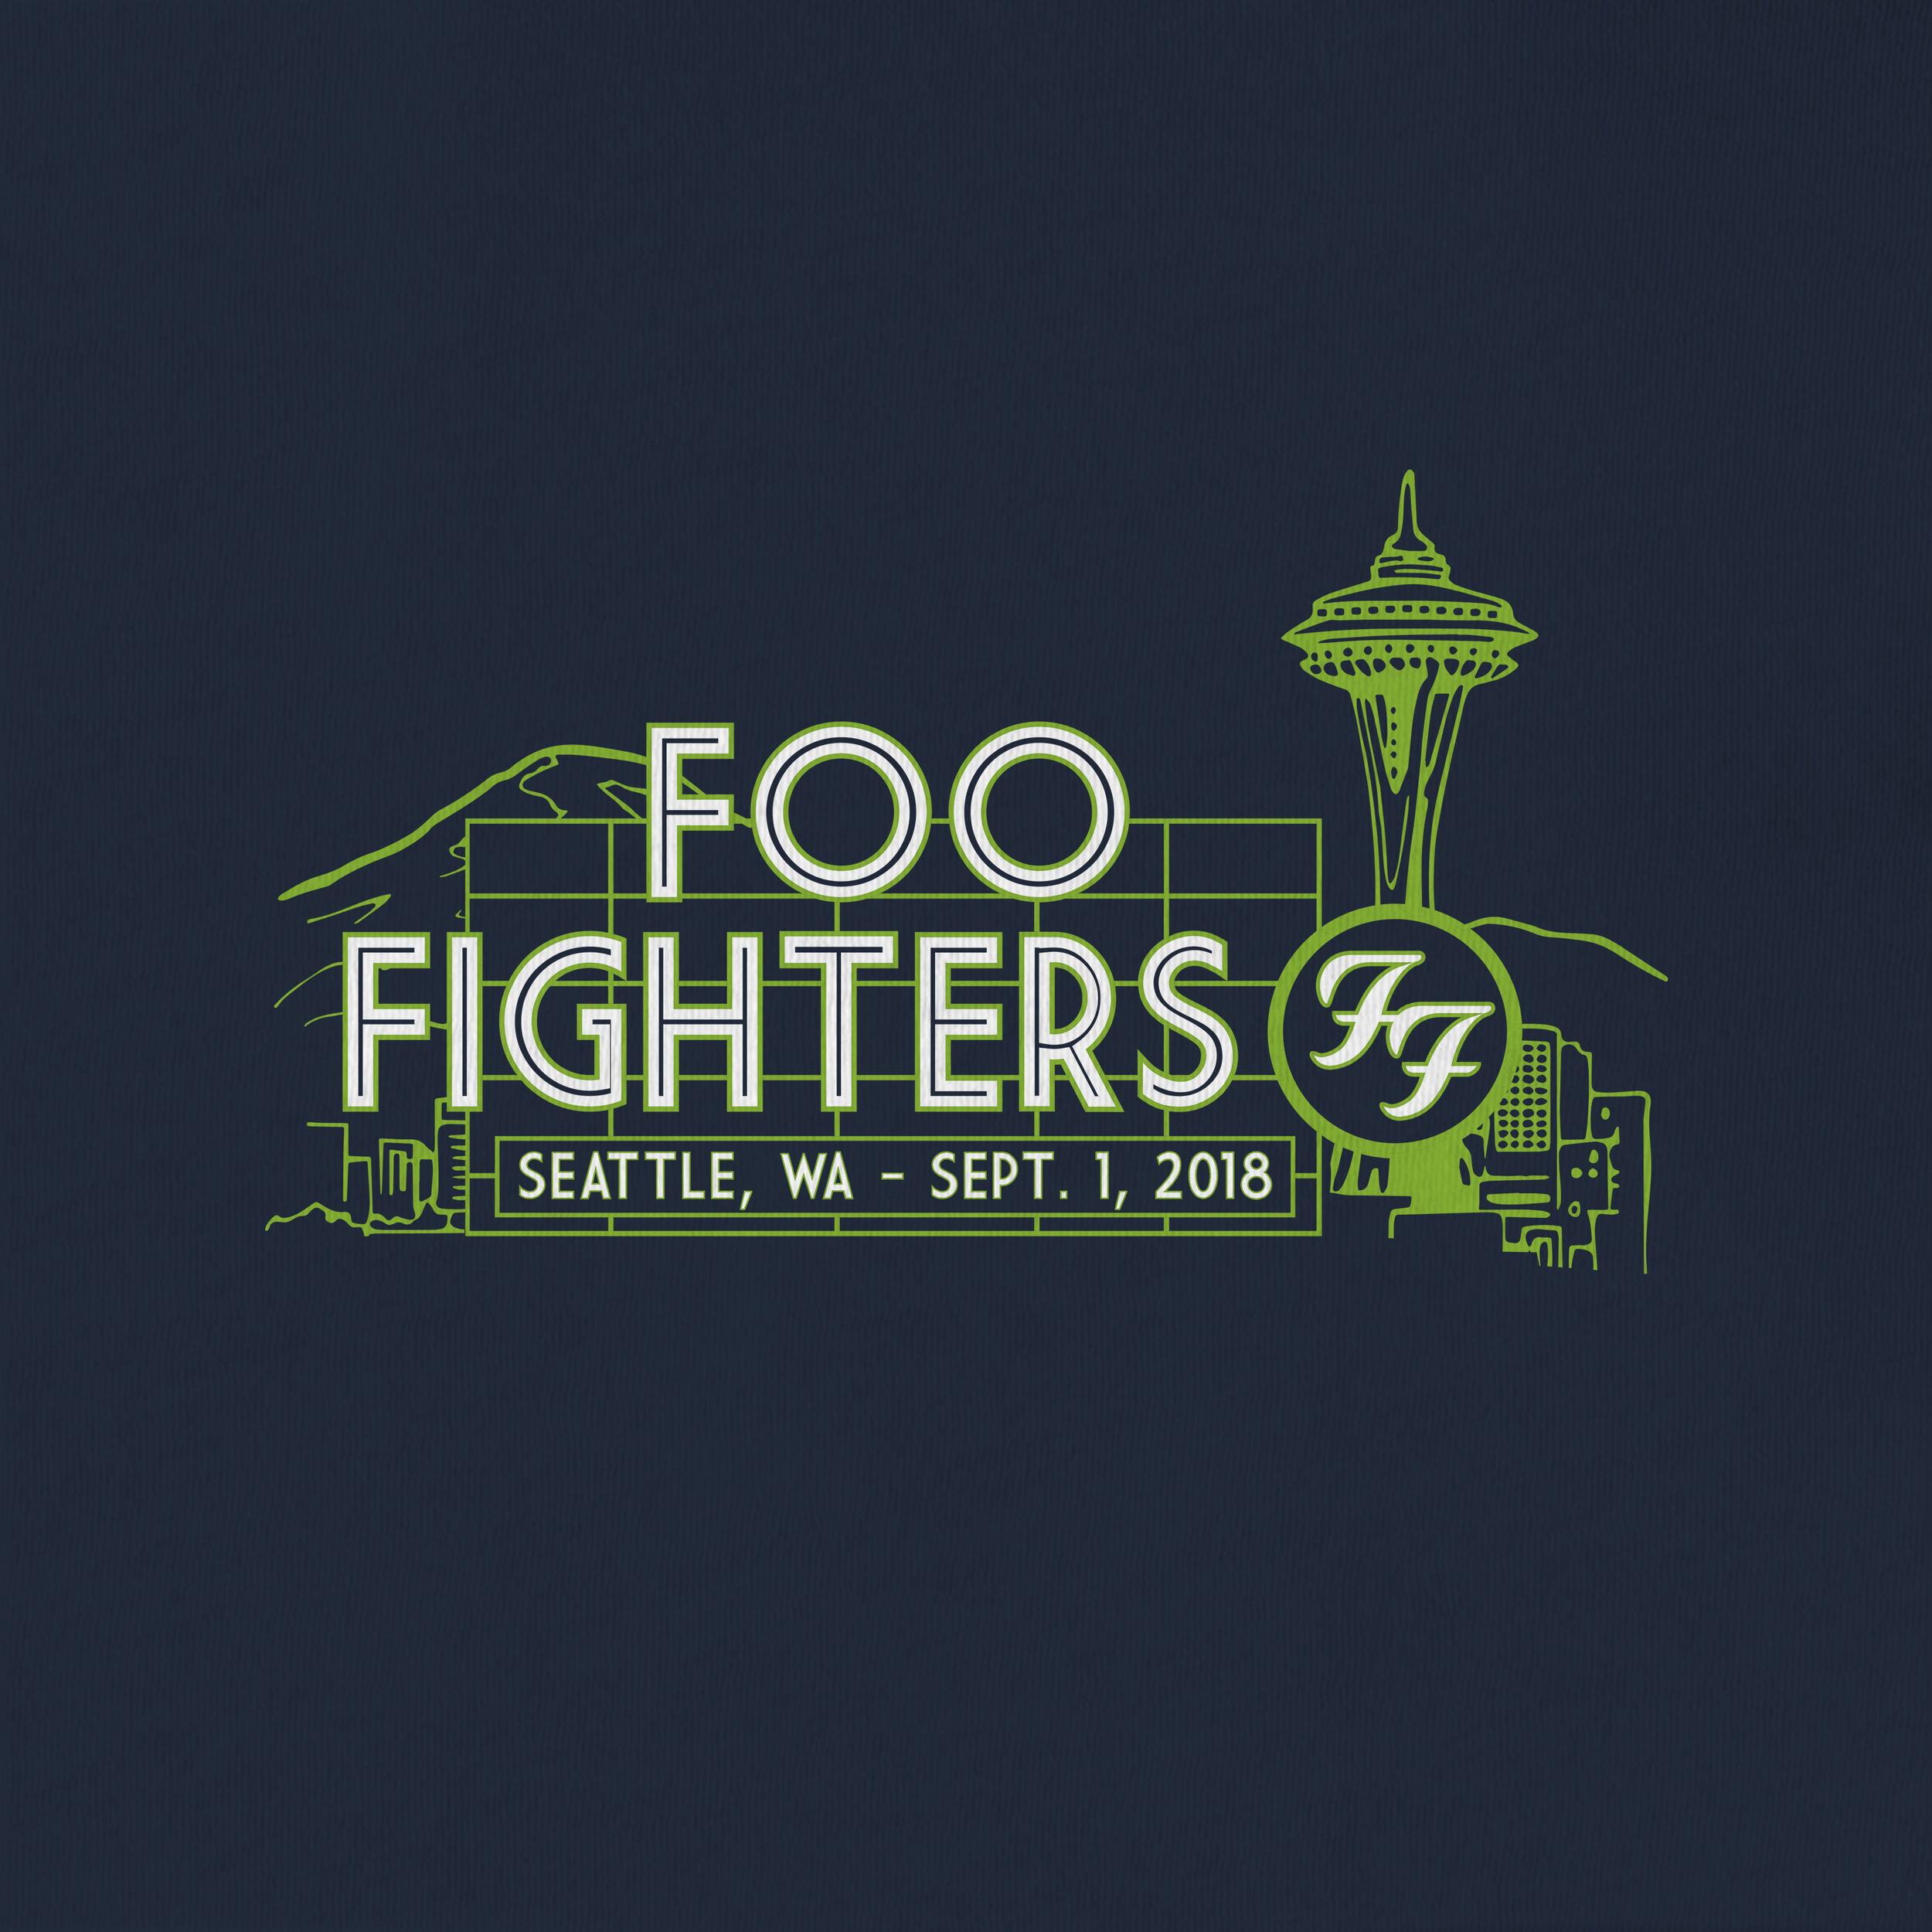 foo-fighters-seattle.jpg